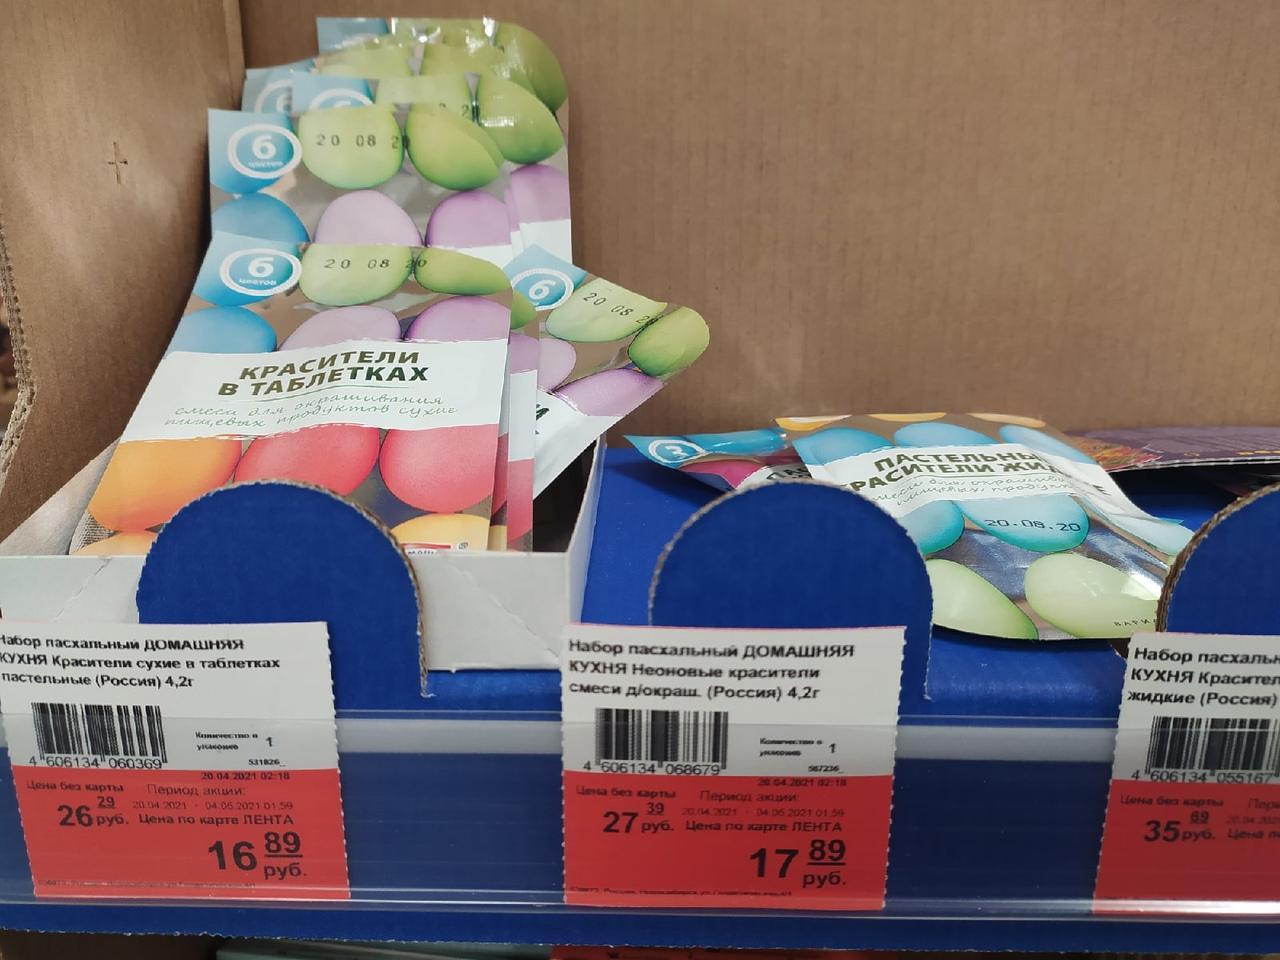 фото Куличи и красители для яиц к Пасхе: обзор цен на праздничные товары в Новосибирске 22